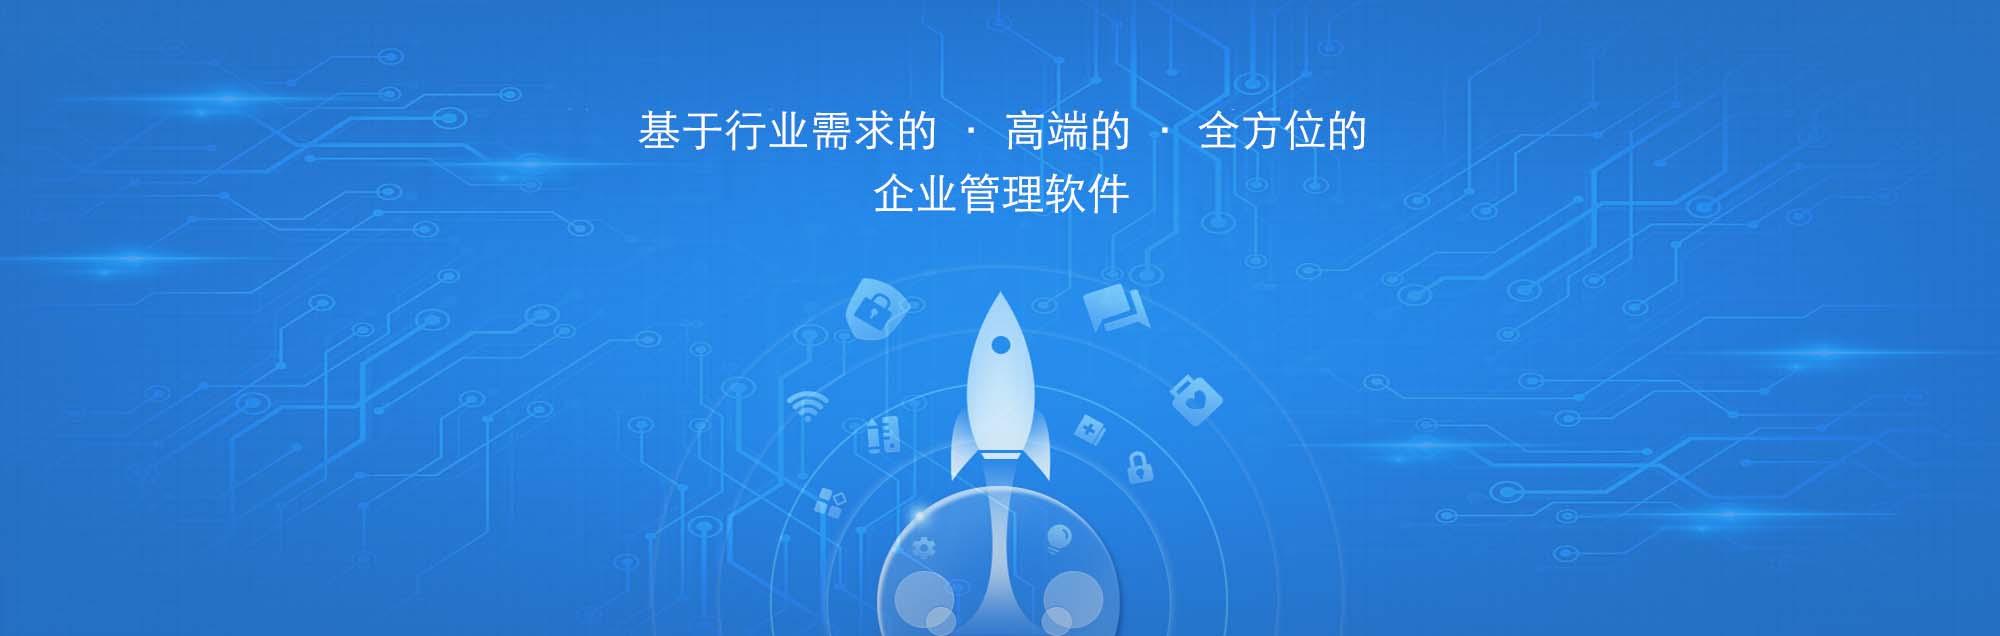 新闻资讯_新闻资讯 - 华微世纪-ERP,OA,CRM,MES,客服系统软件厂商